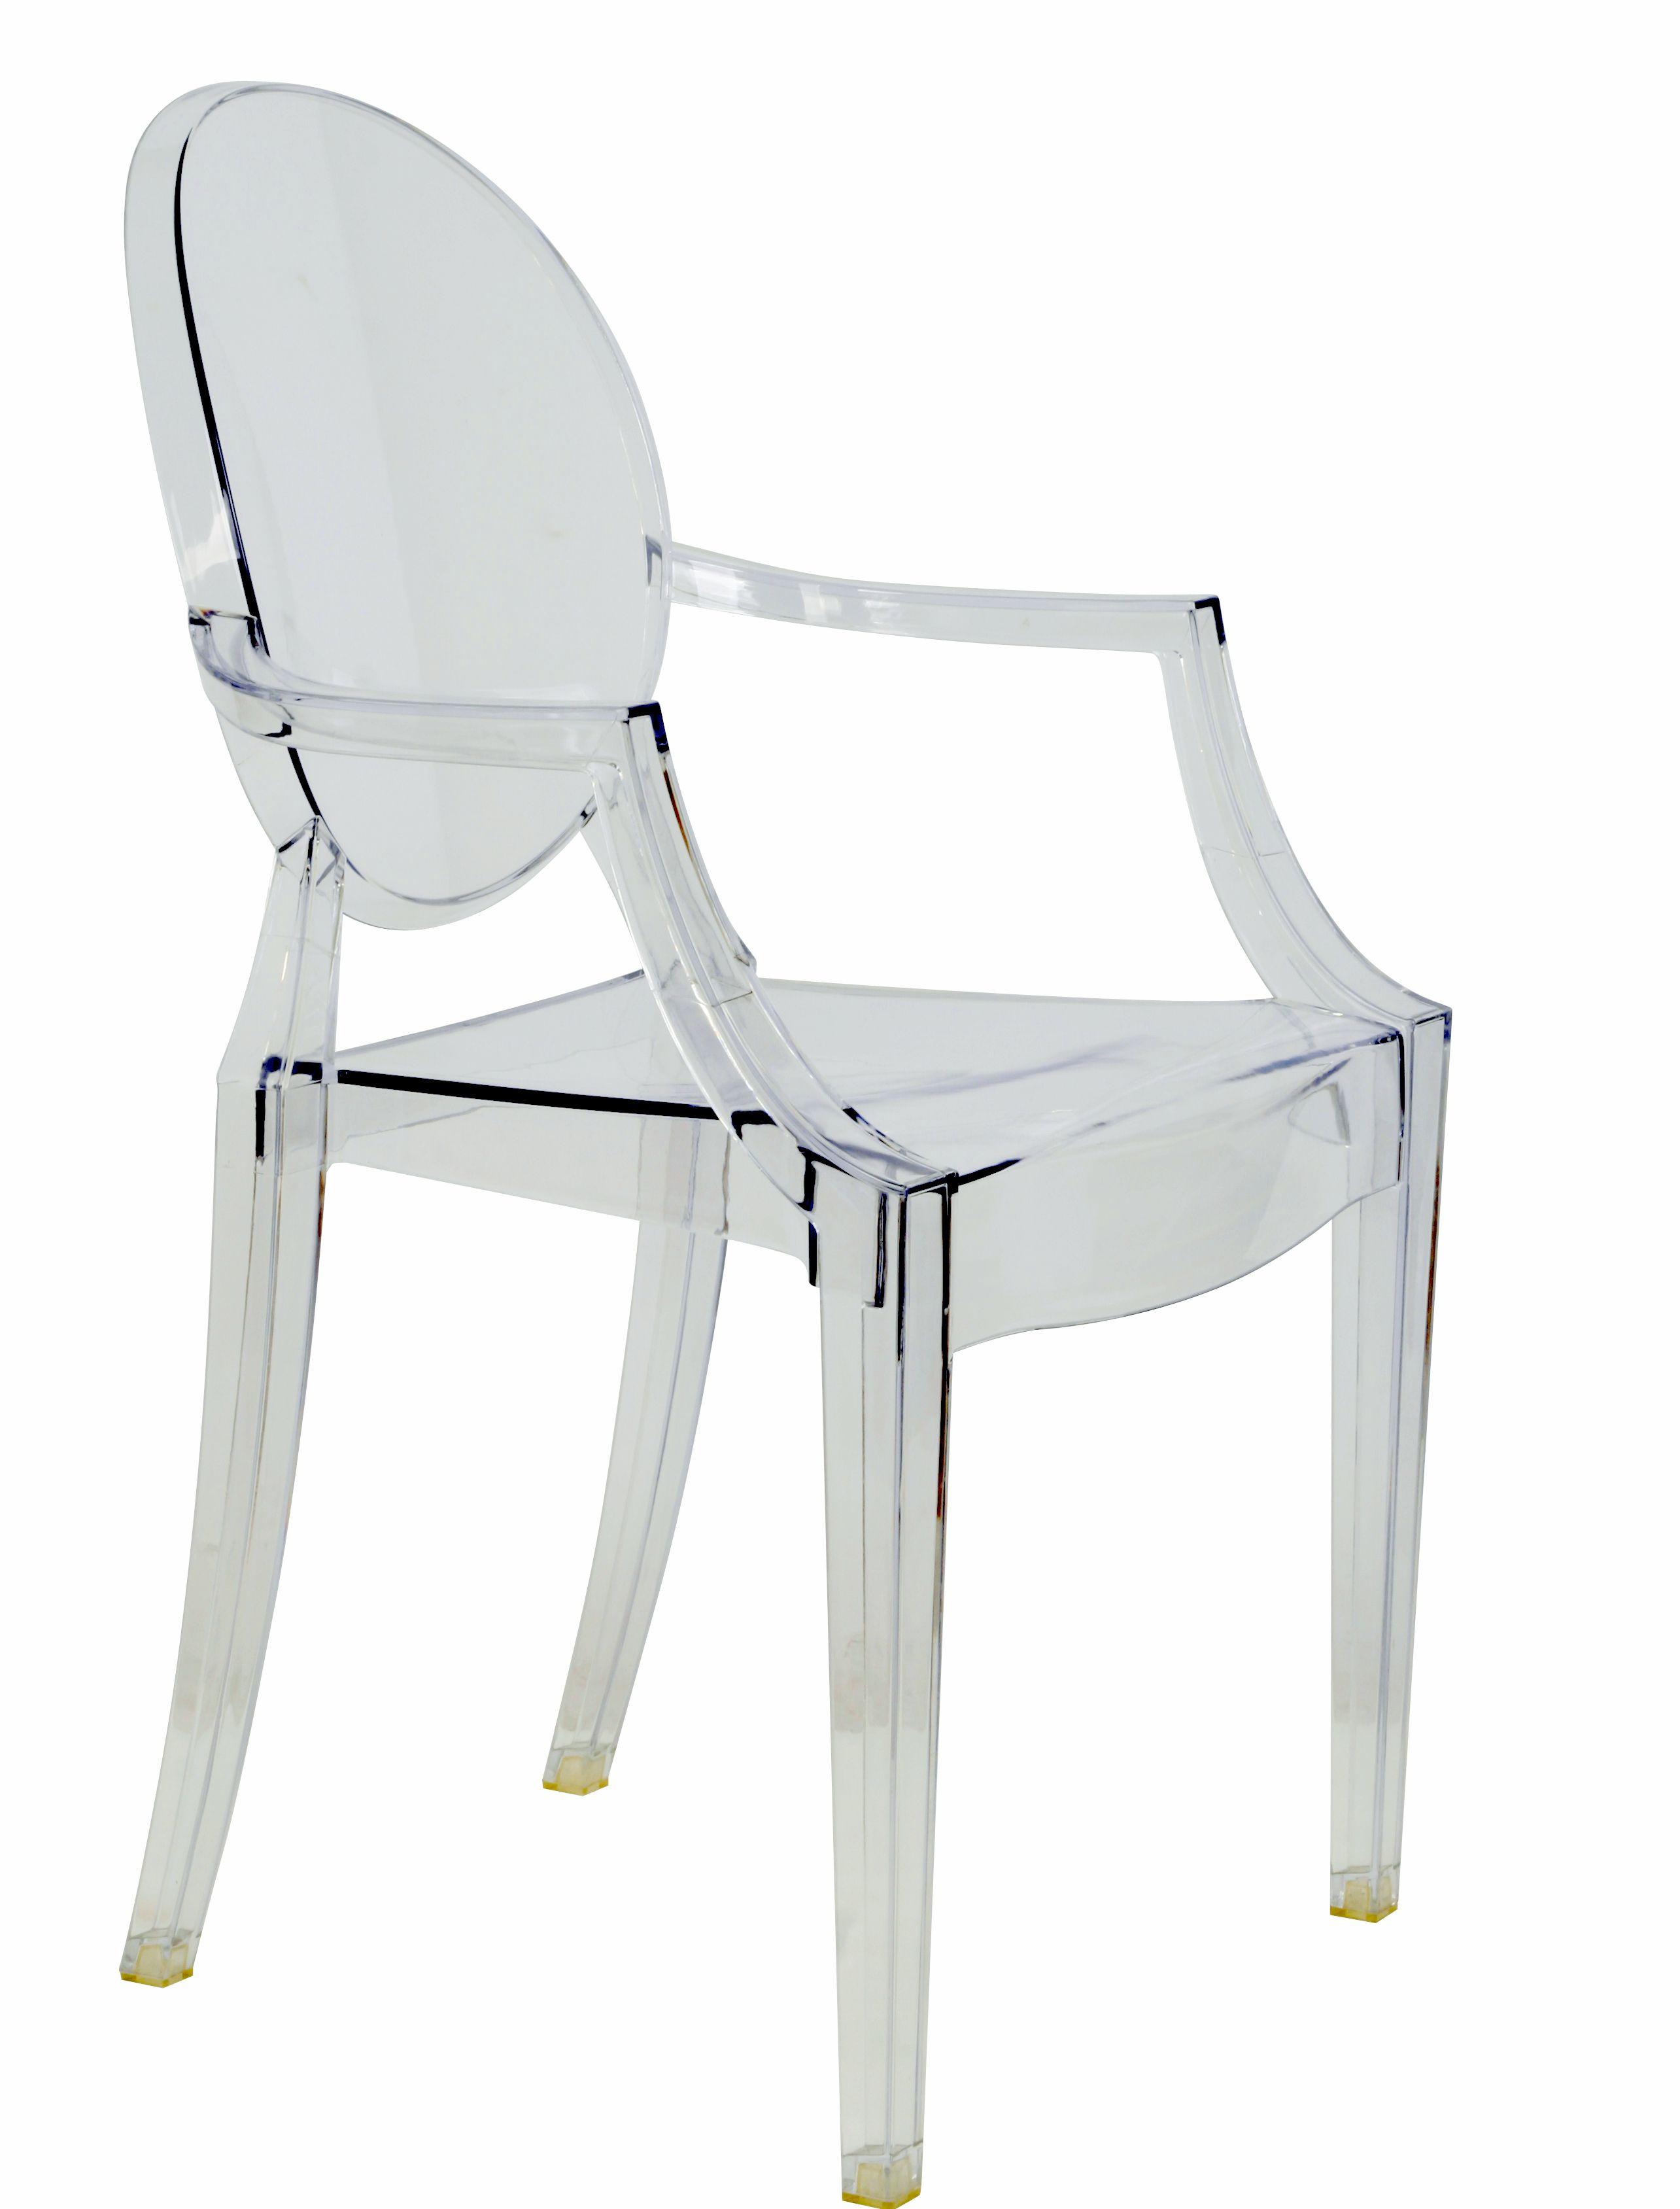 No te encanta esta silla trasparente? No ocupa espacio visual y es ...